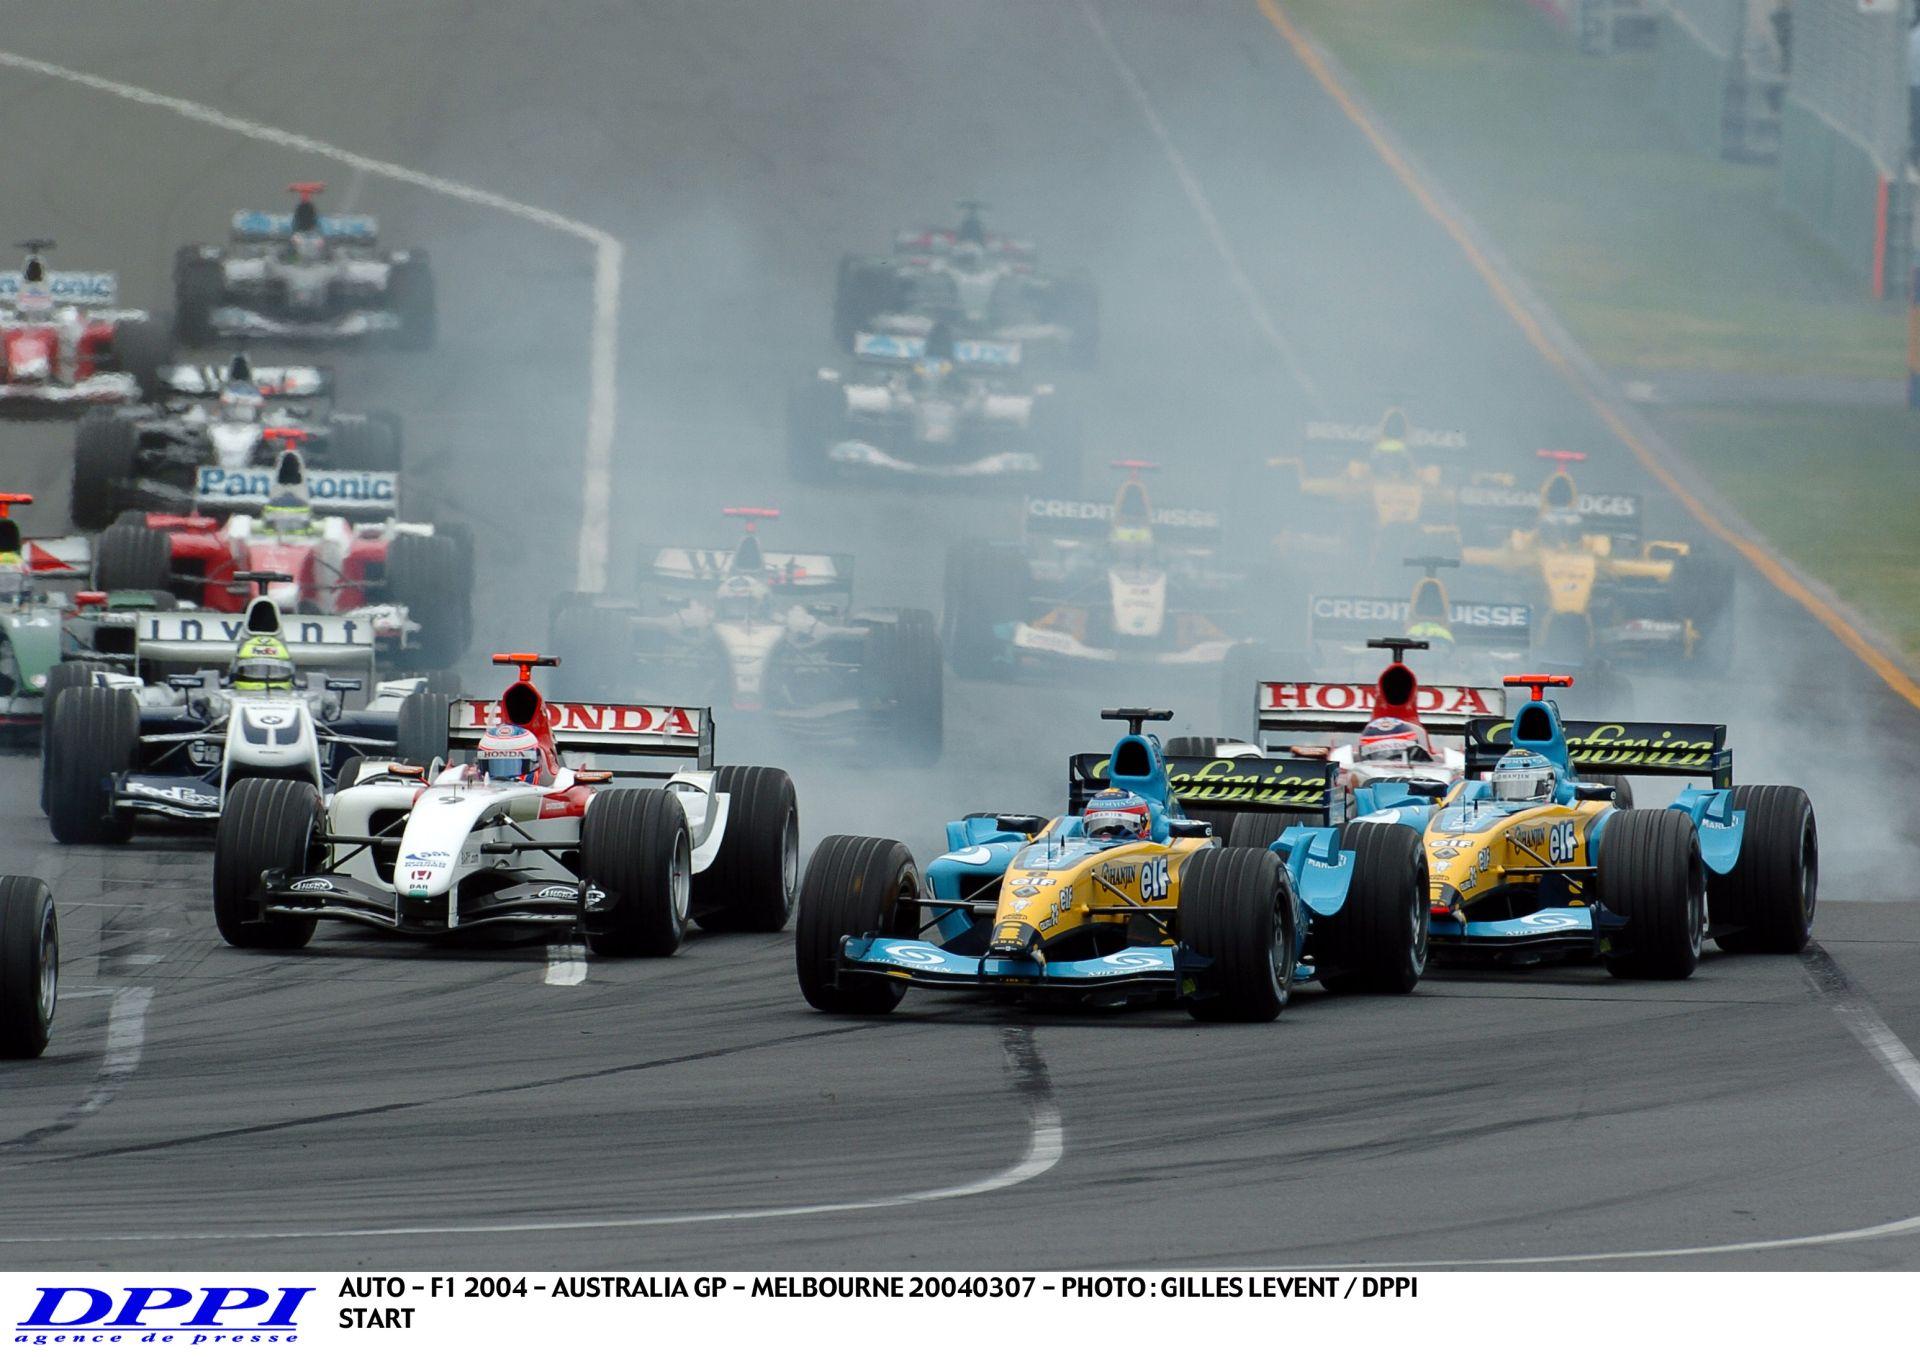 Ausztrál Nagydíj 2004: Baumgartner is a rajtrácson! Palik és Czollner kommentál! A teljes futam!